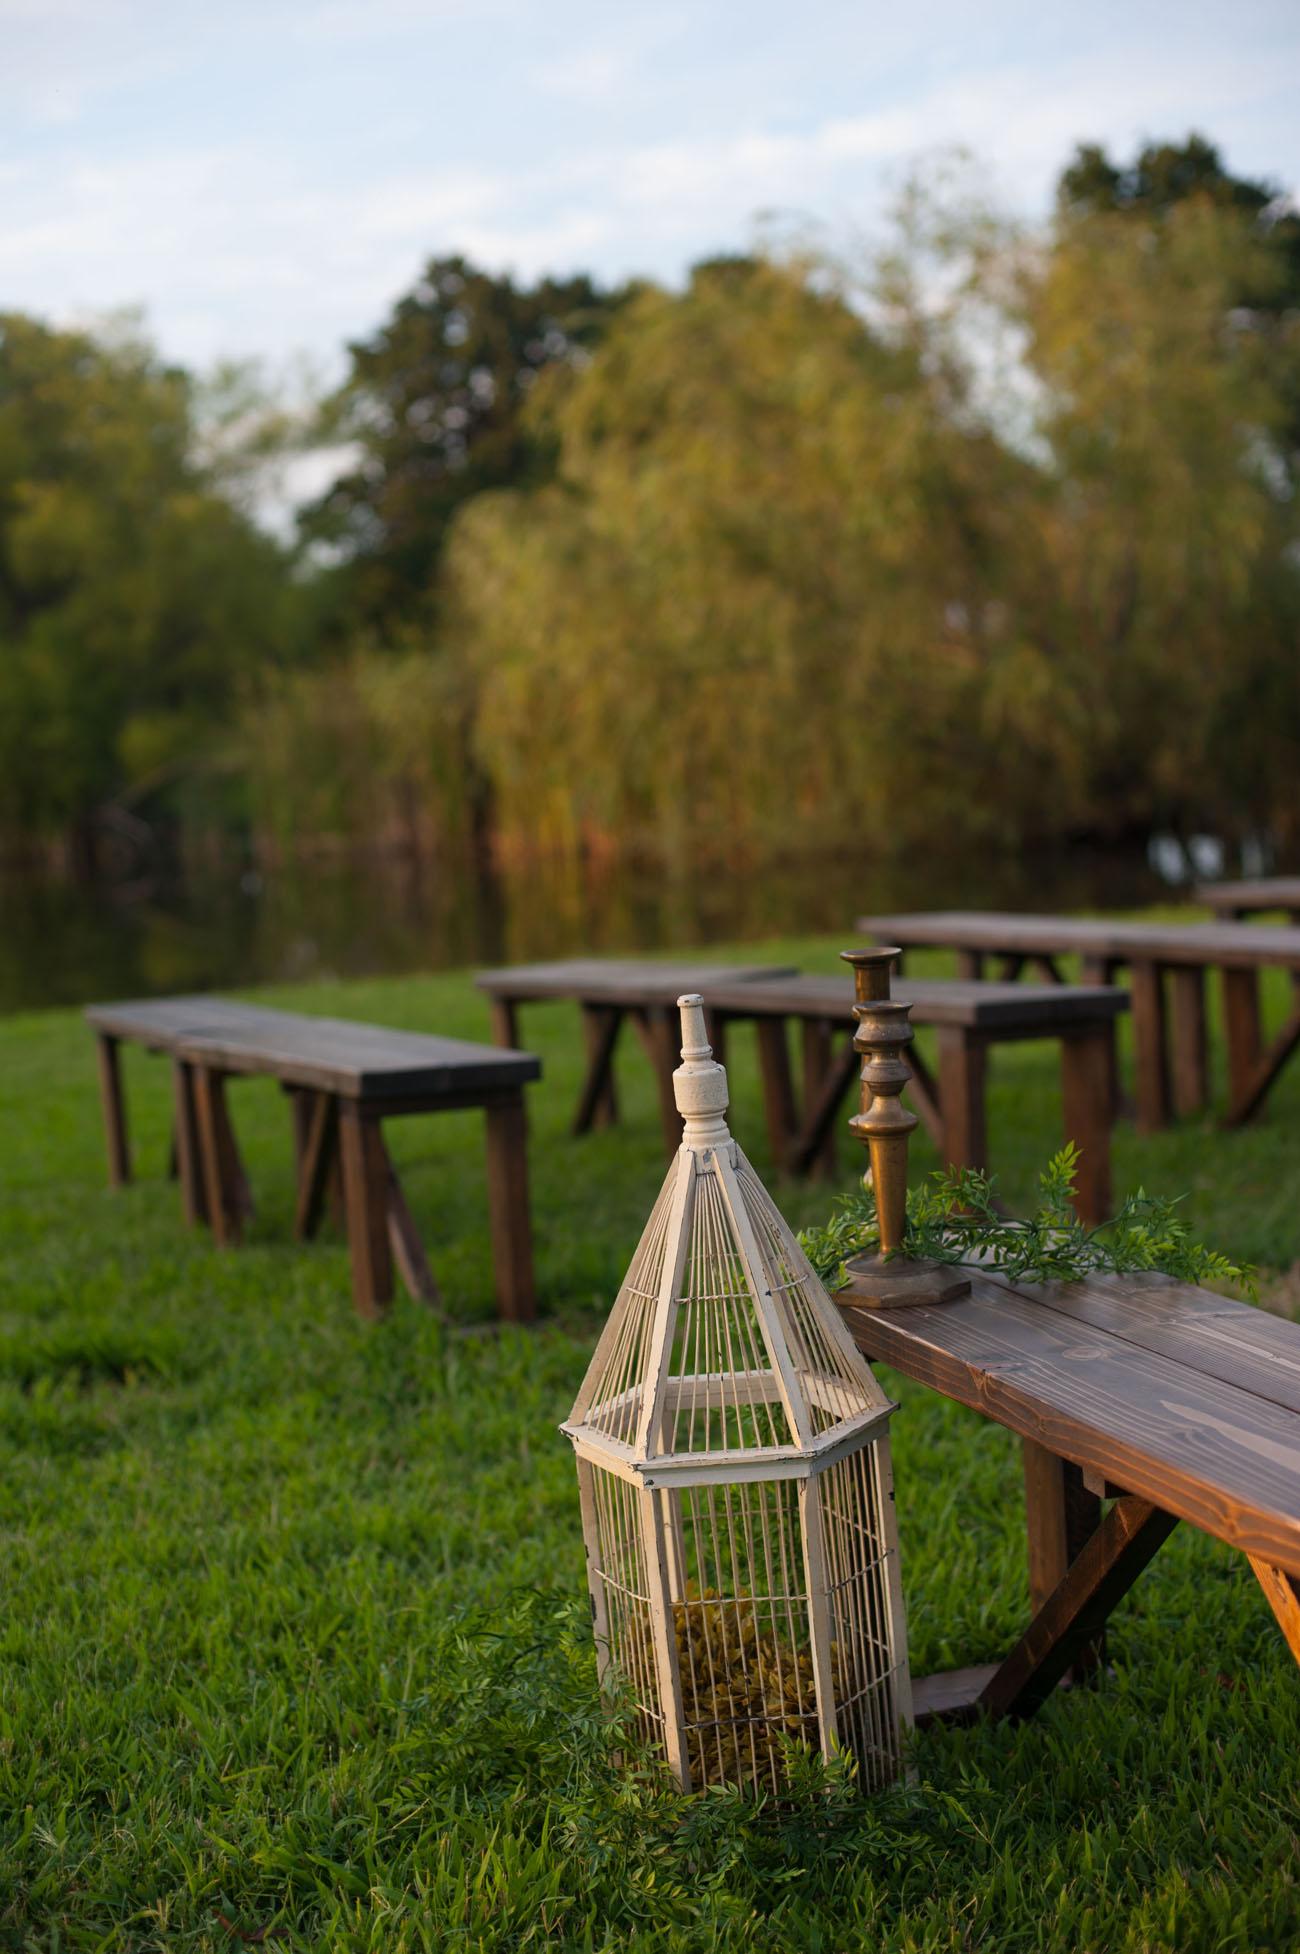 la-vintage-rentals-post-oak-lodge-tulsa-ok-12.jpg